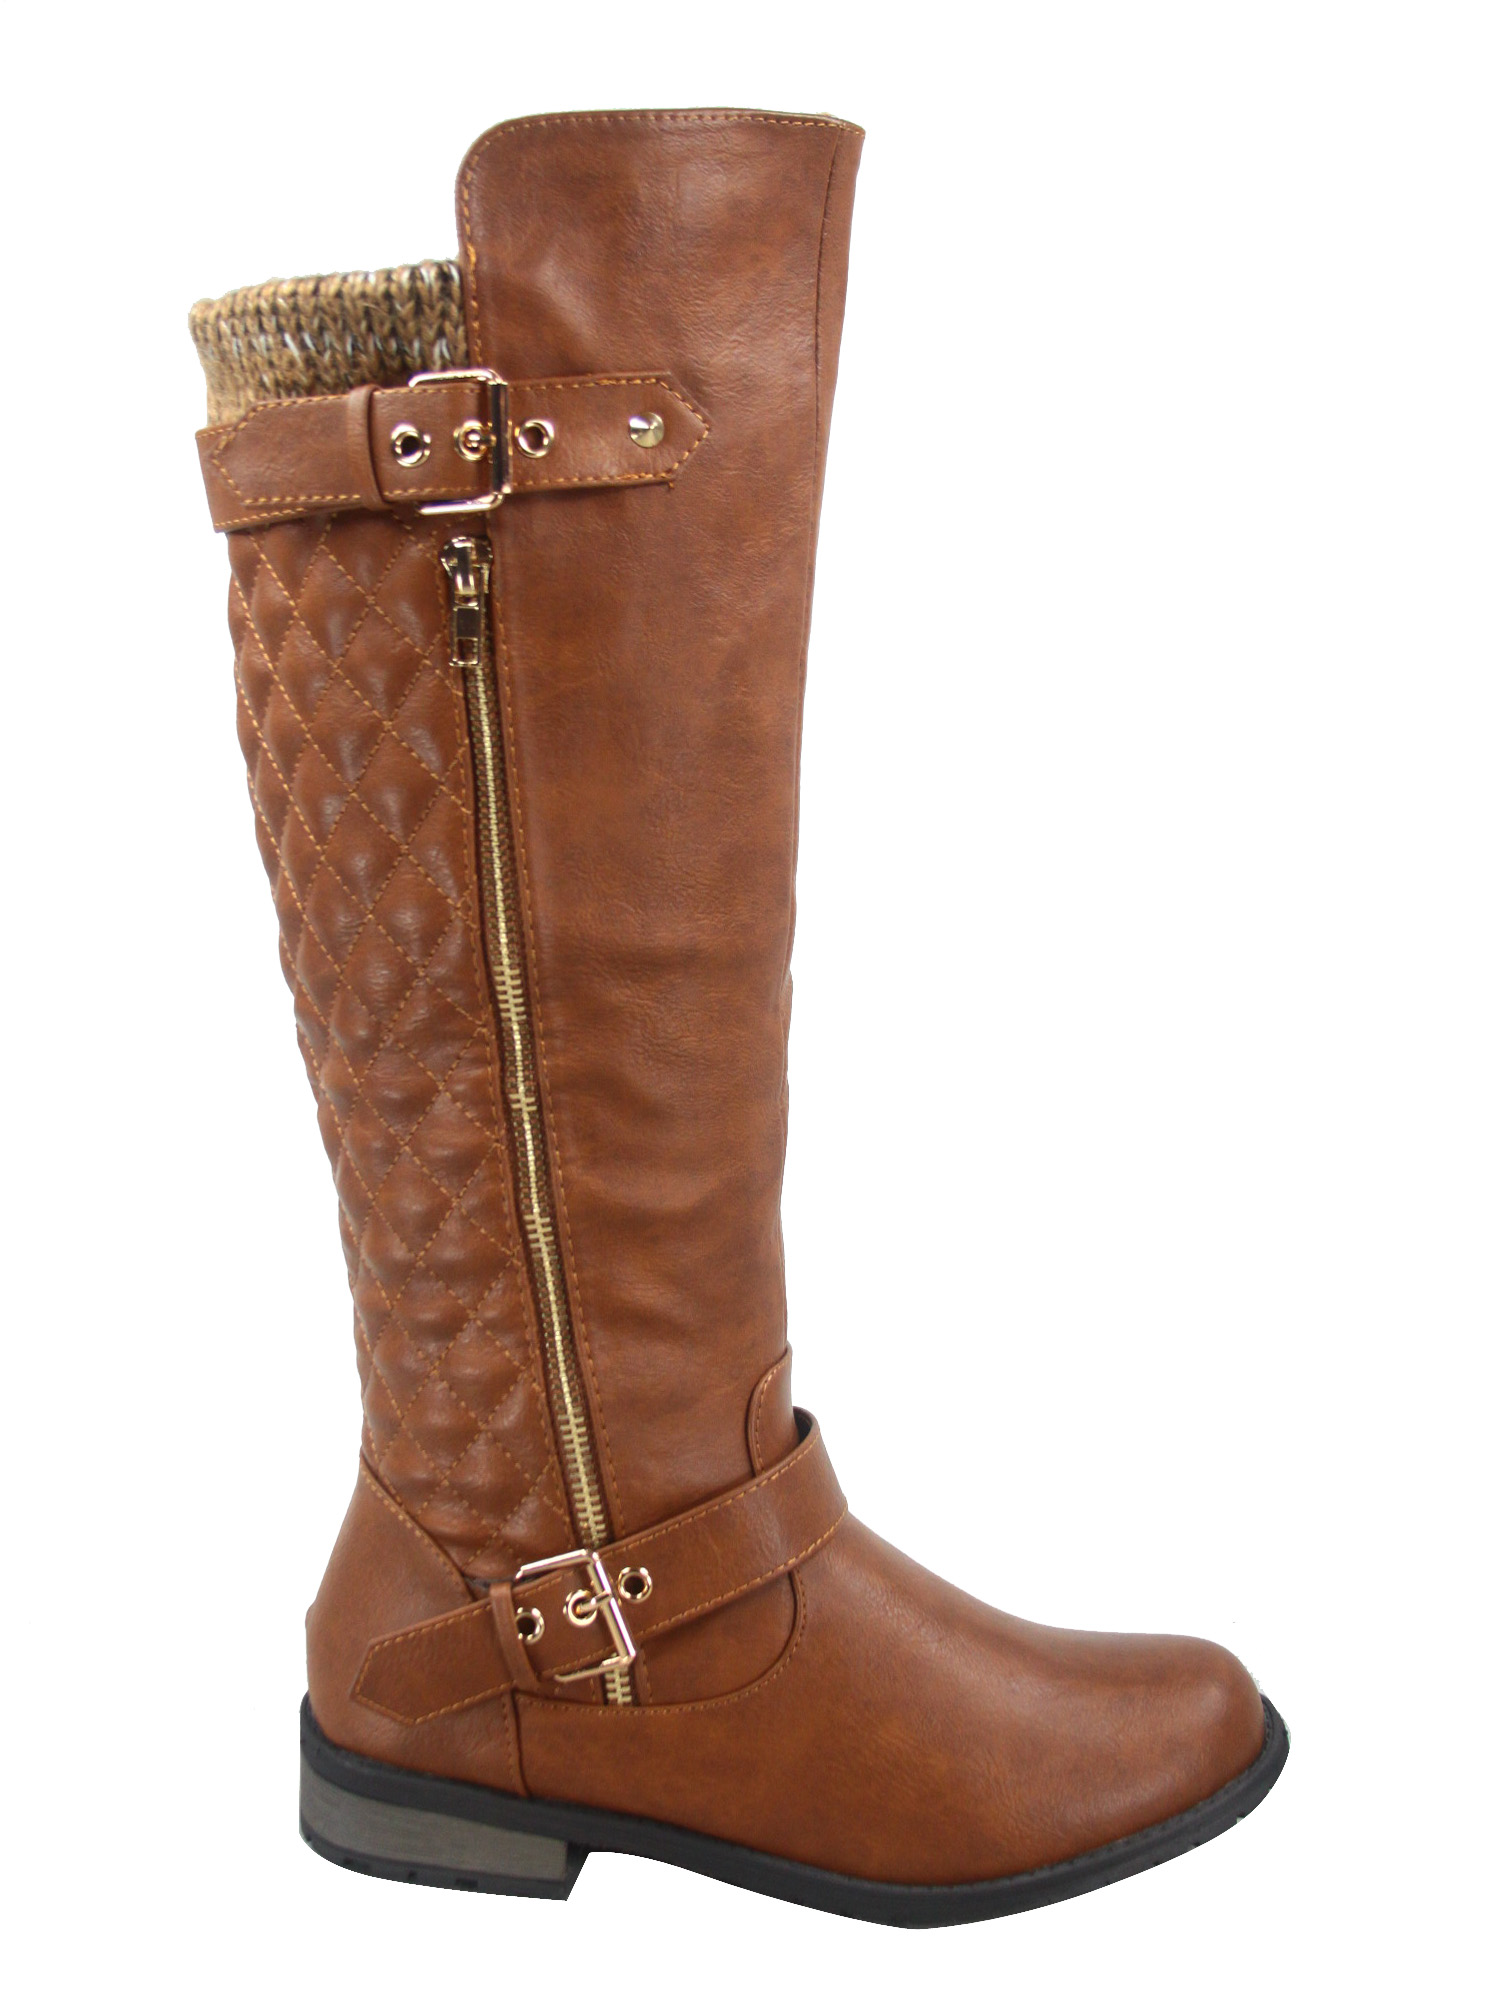 Mango-51 Fashion Knee High Zipper Buckles Low Heel Comfort Women/'s Boots Brown